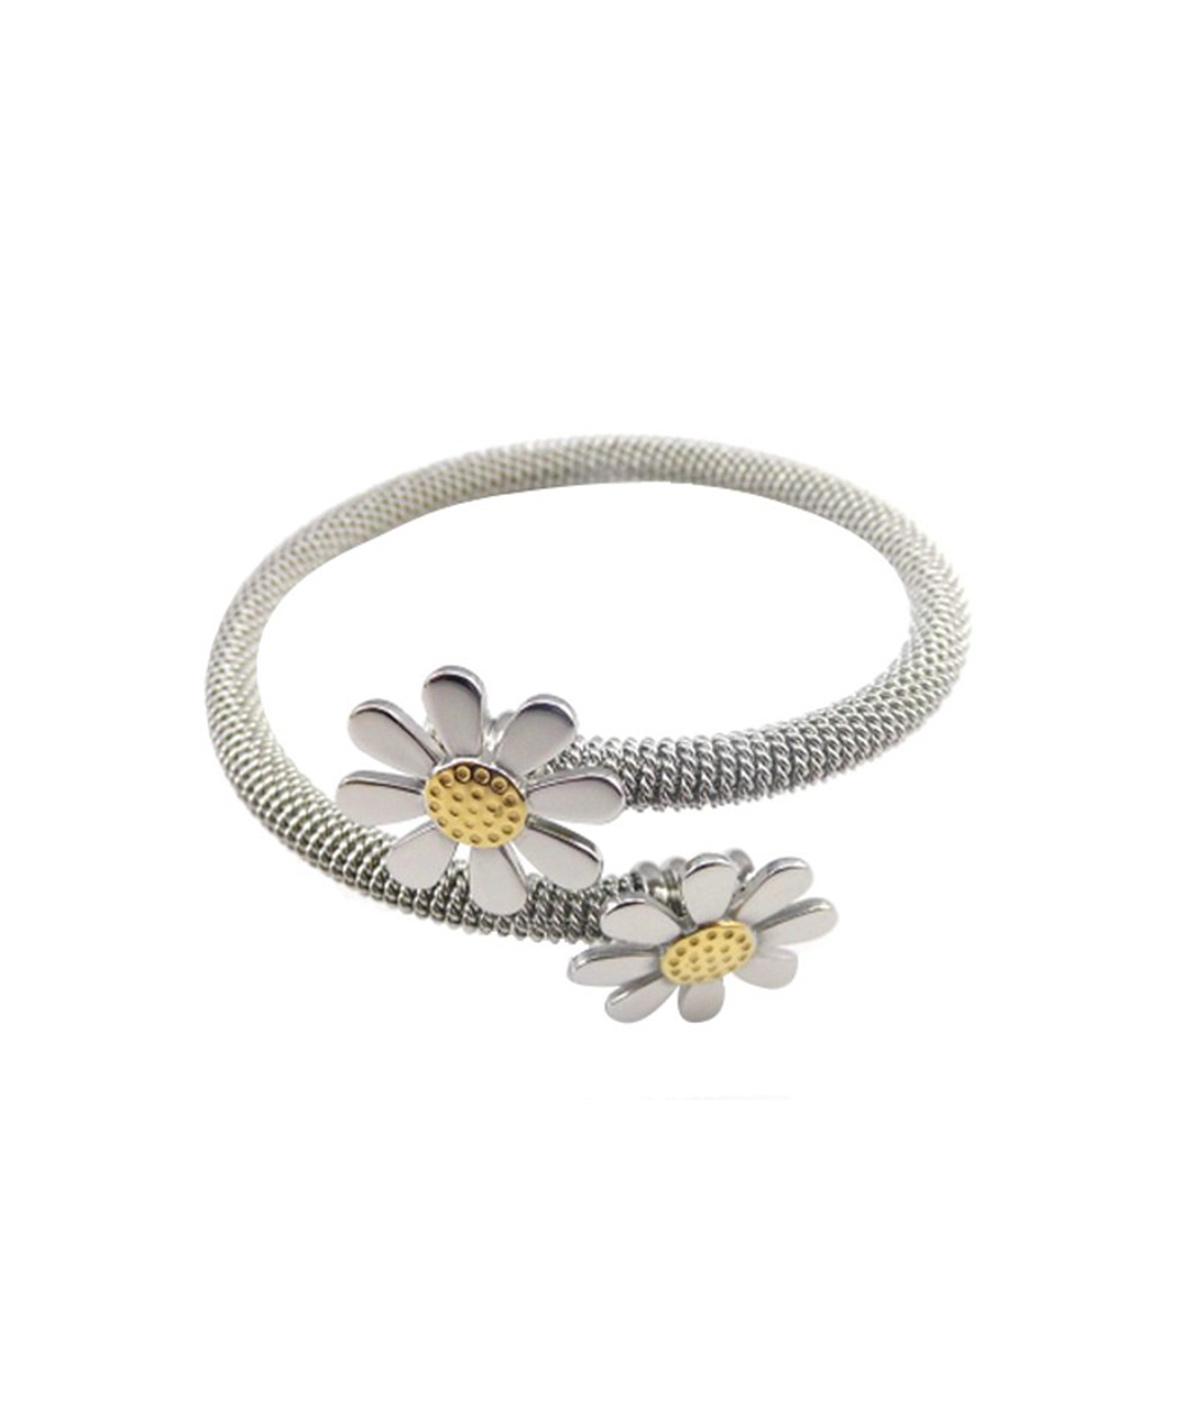 Daisy Steel Wrap Bracelet